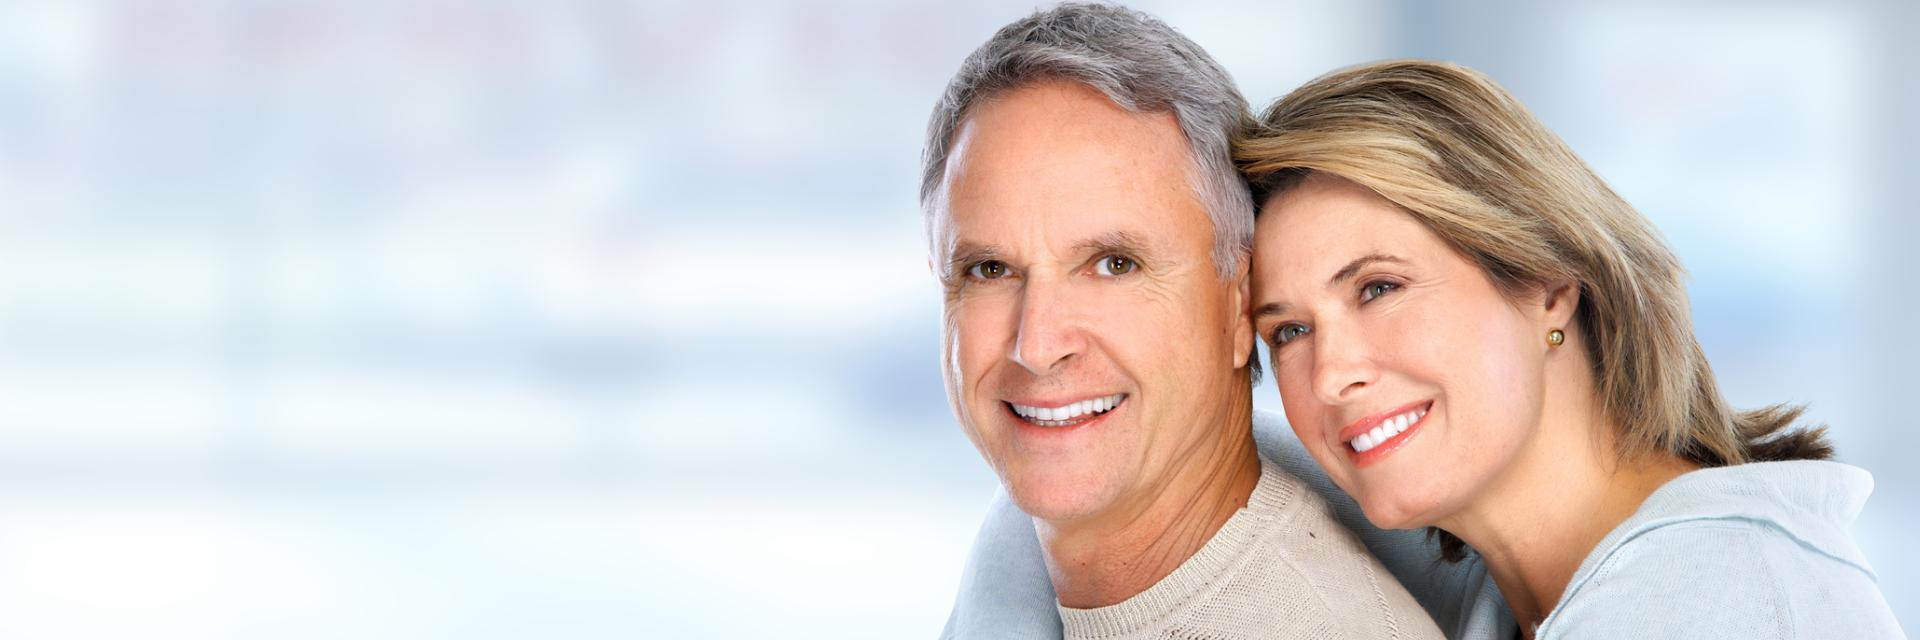 senior couple with healthy teeth